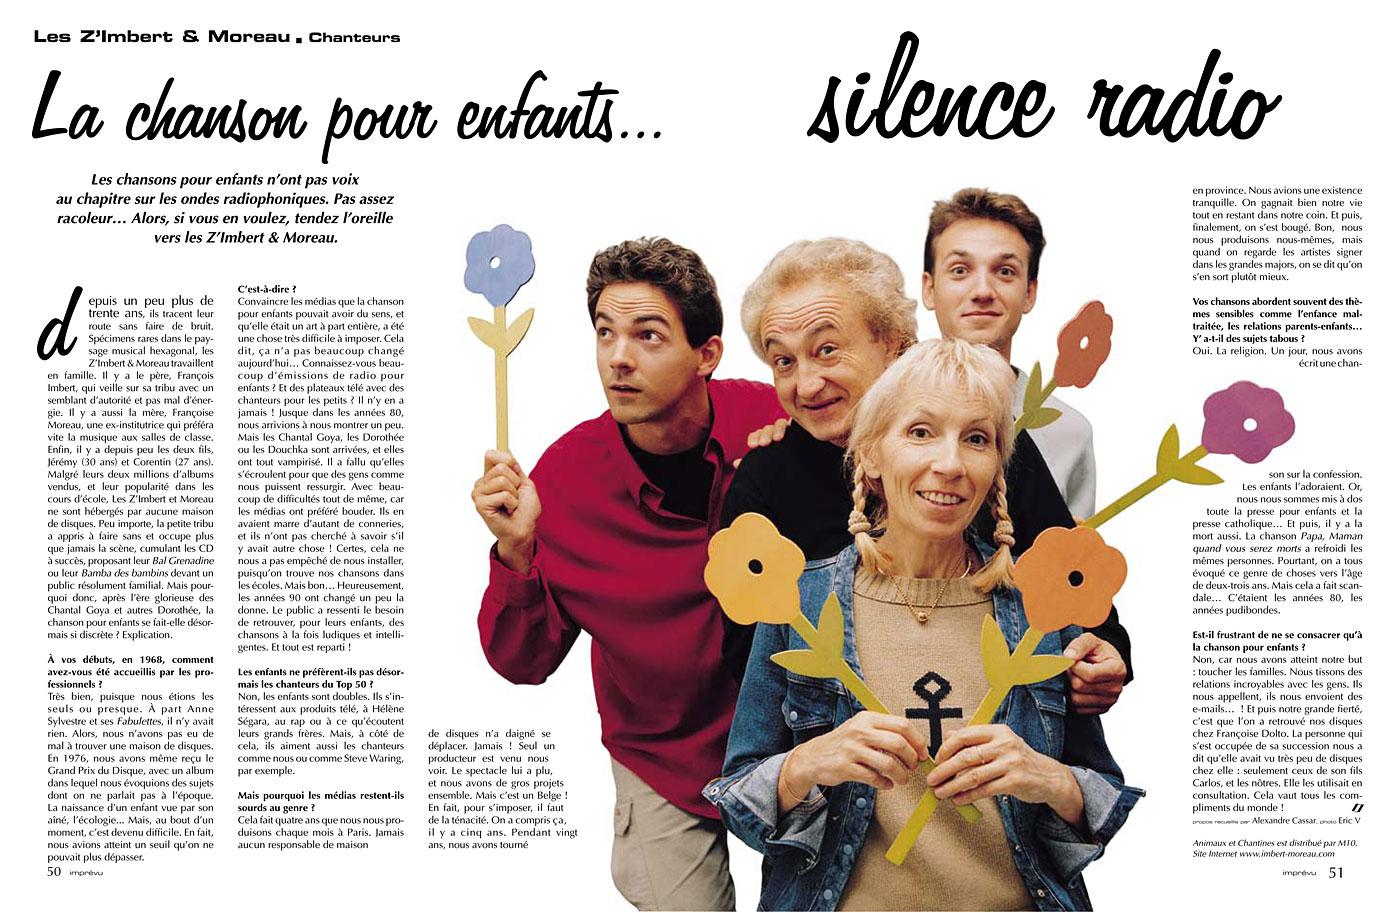 Retrouvez Les ZiM's dans Imprévu de novembre 2001